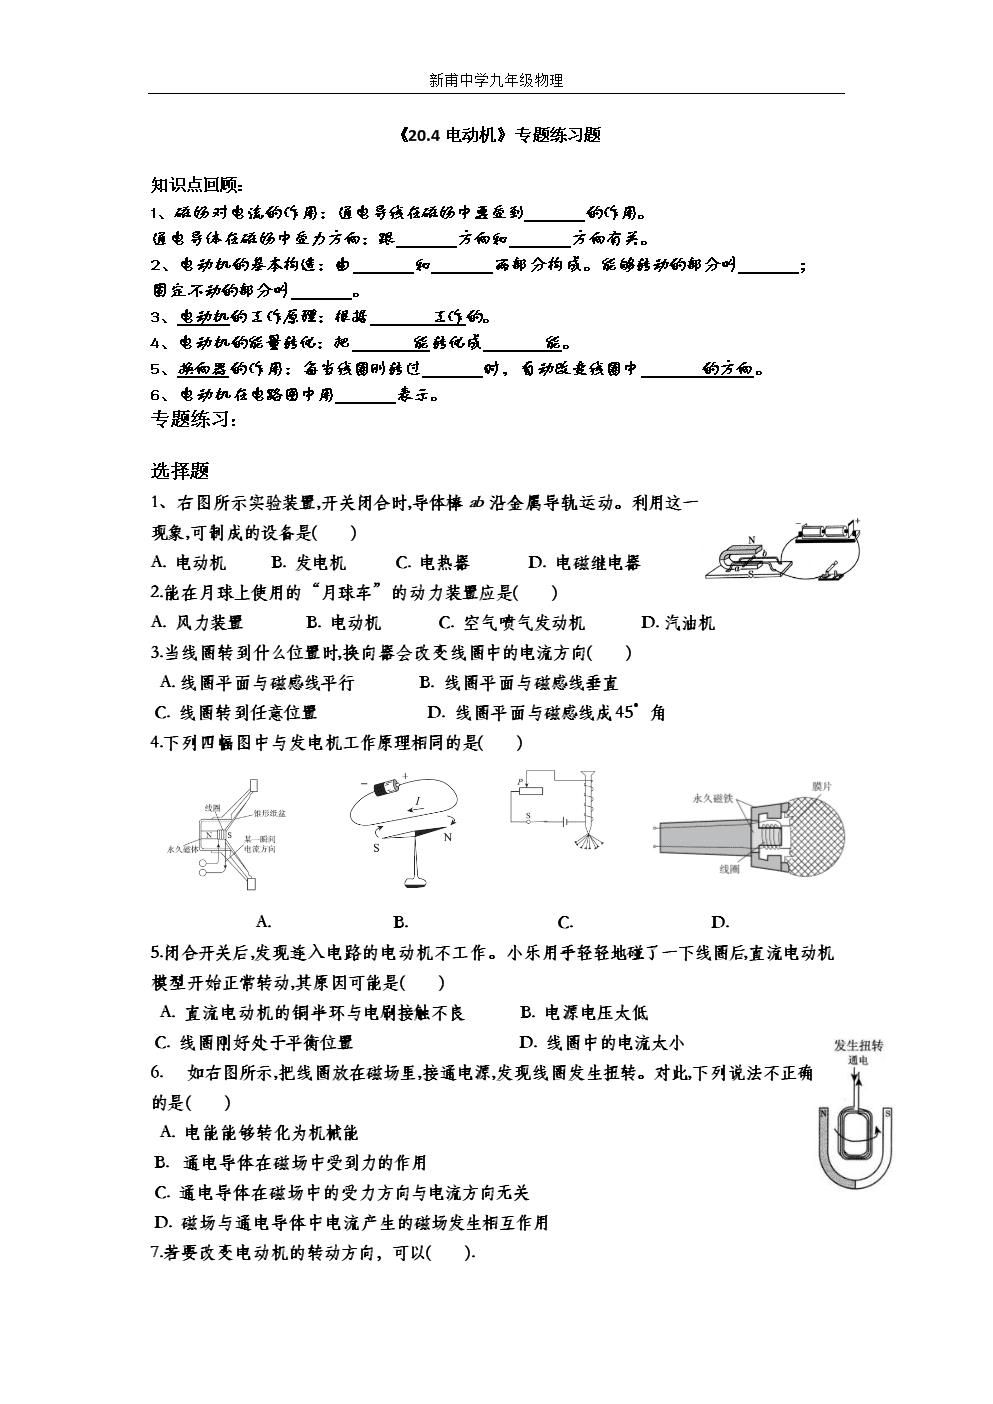 《20.4电动机》选择题专题.doc